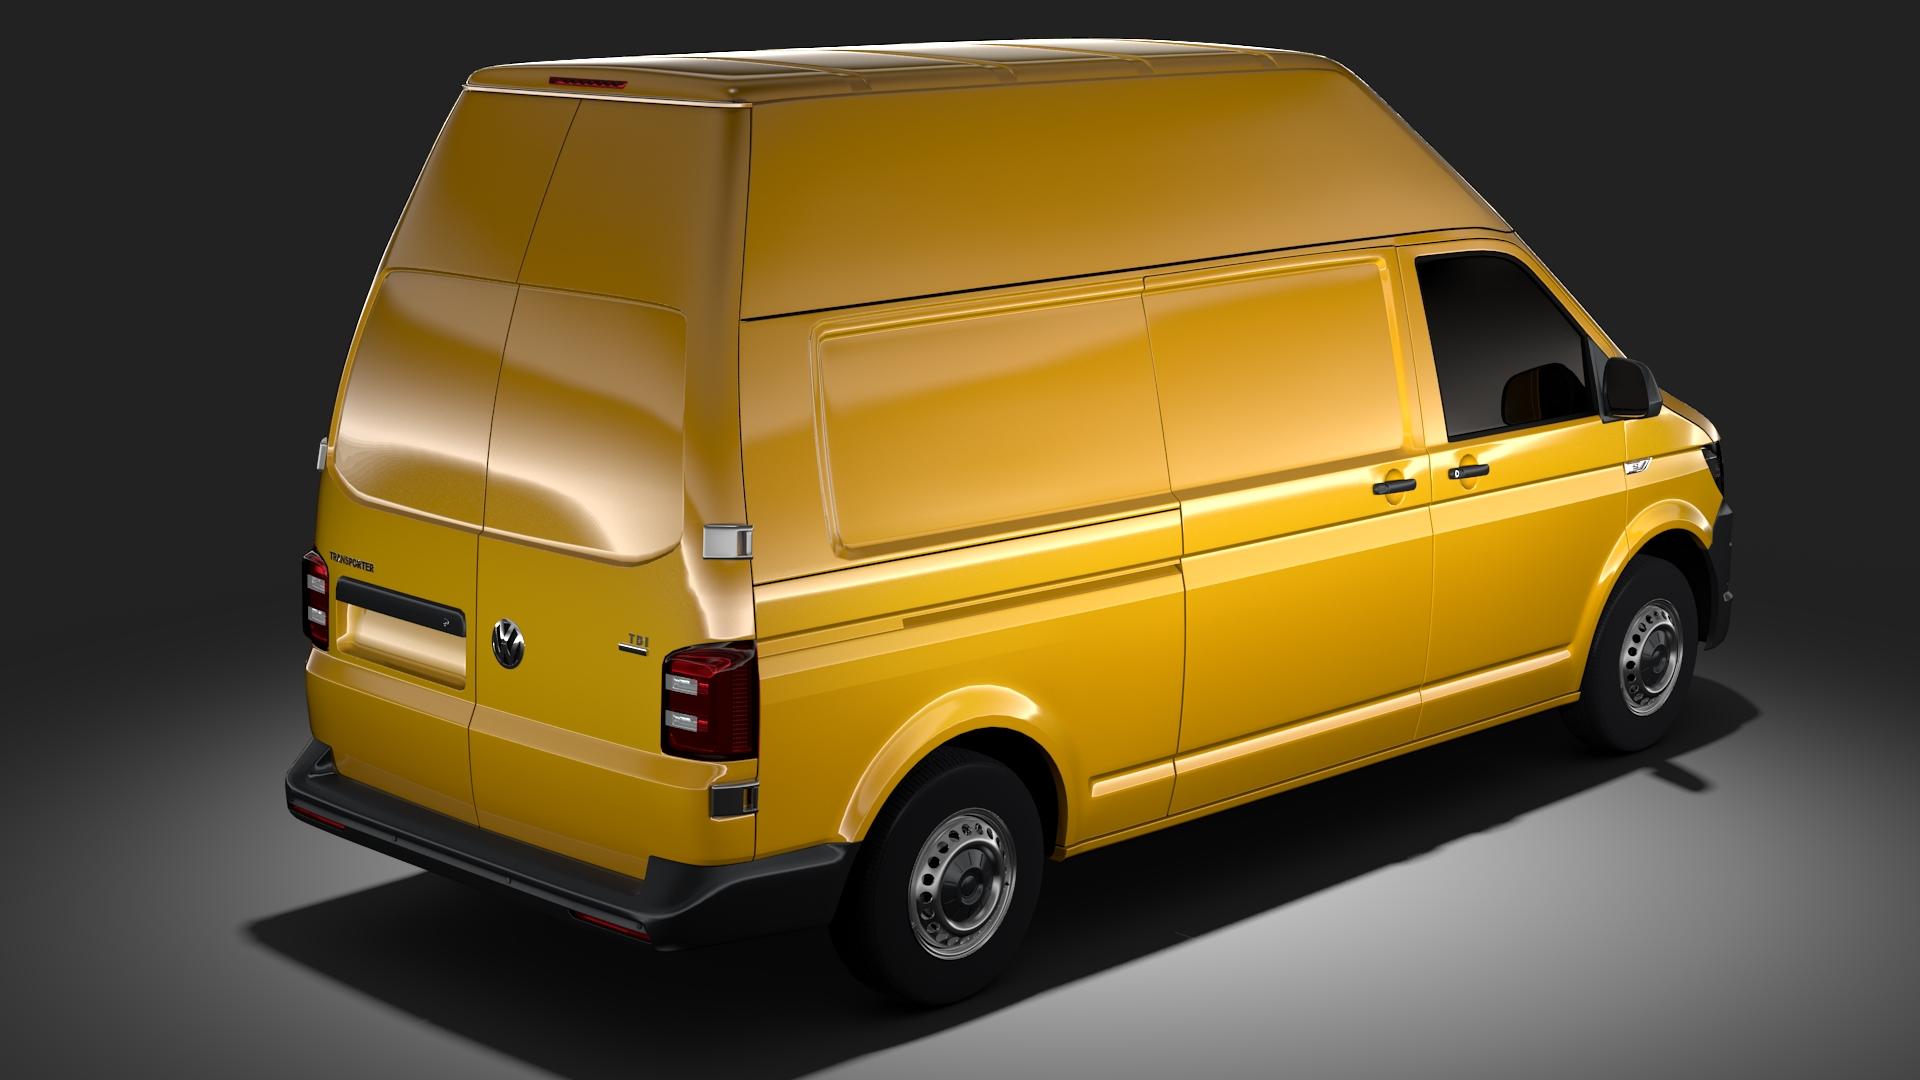 volkswagen transporter van l2h3 t6 2017 3d model max fbx c4d lwo ma mb hrc xsi obj 275295